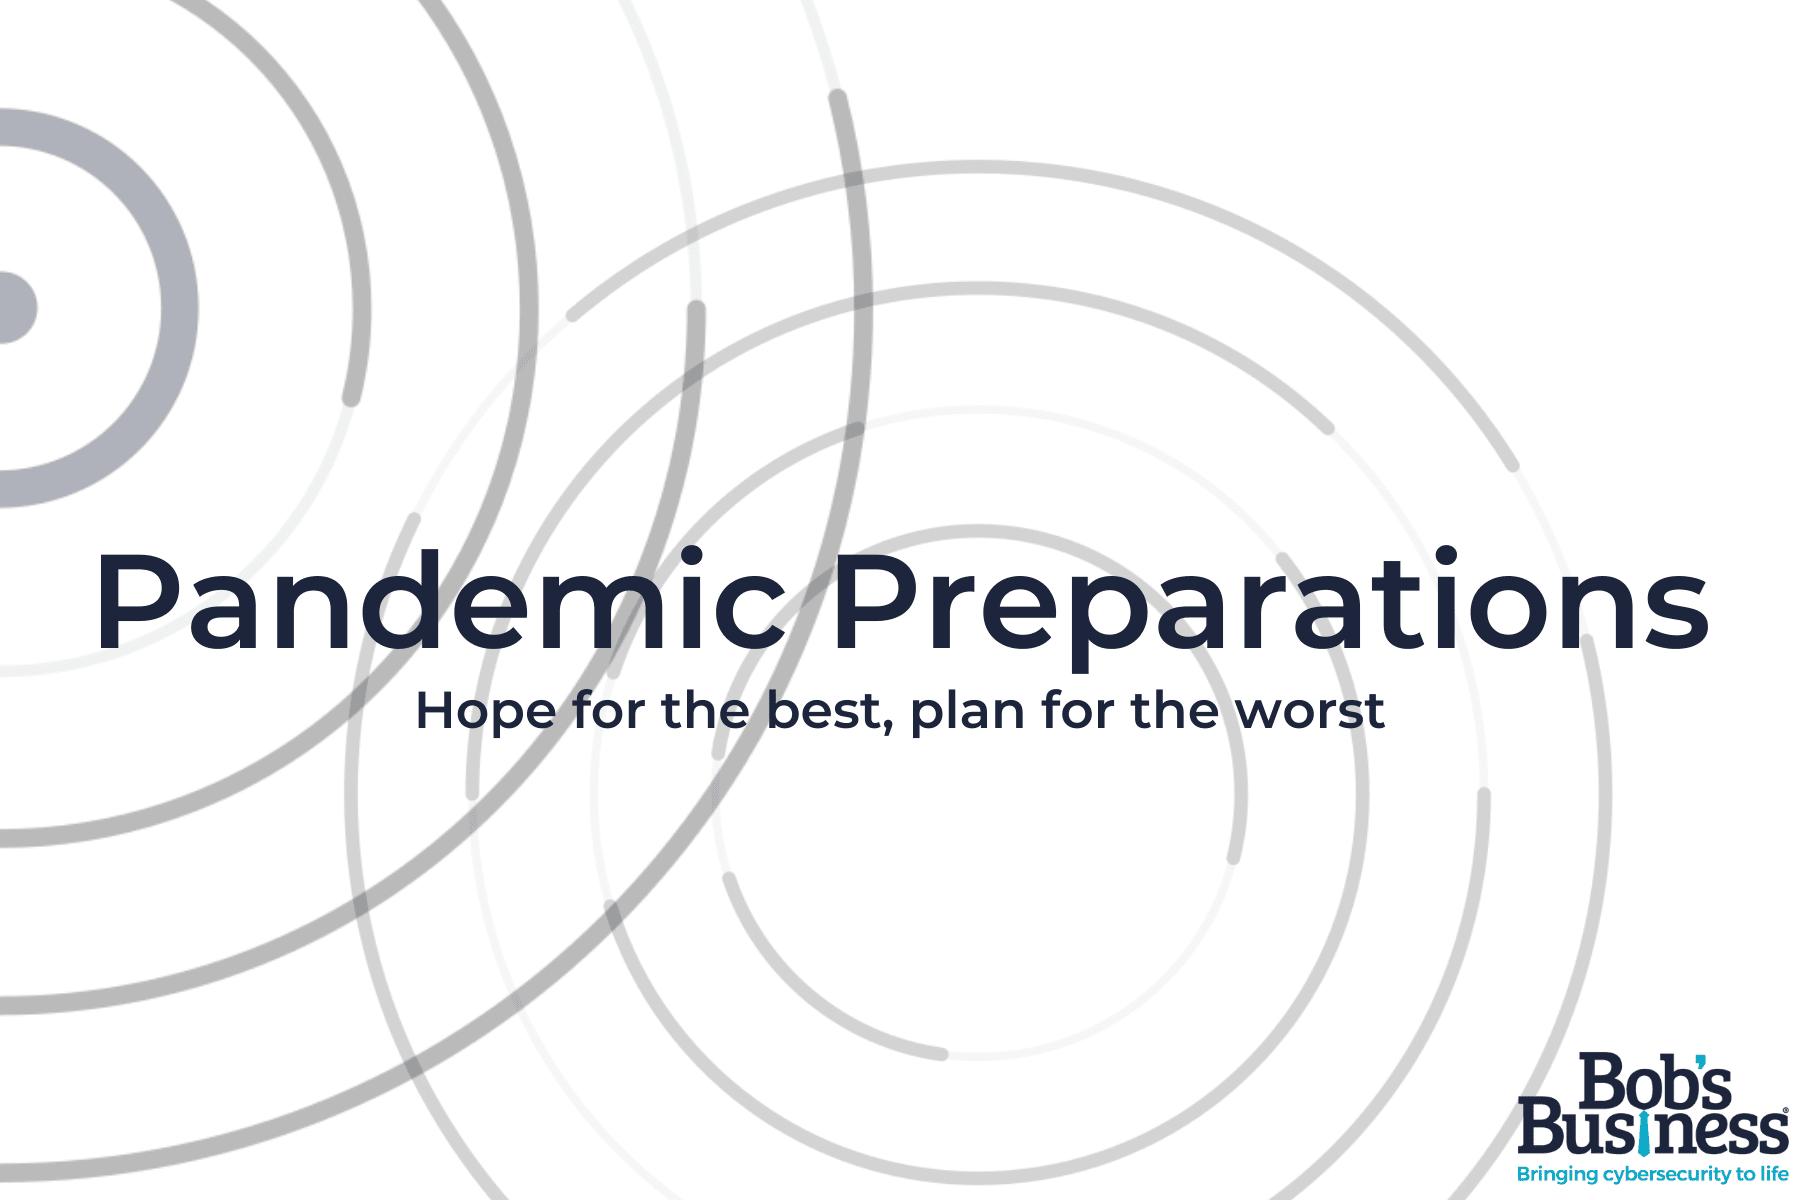 Pandemic Preparations